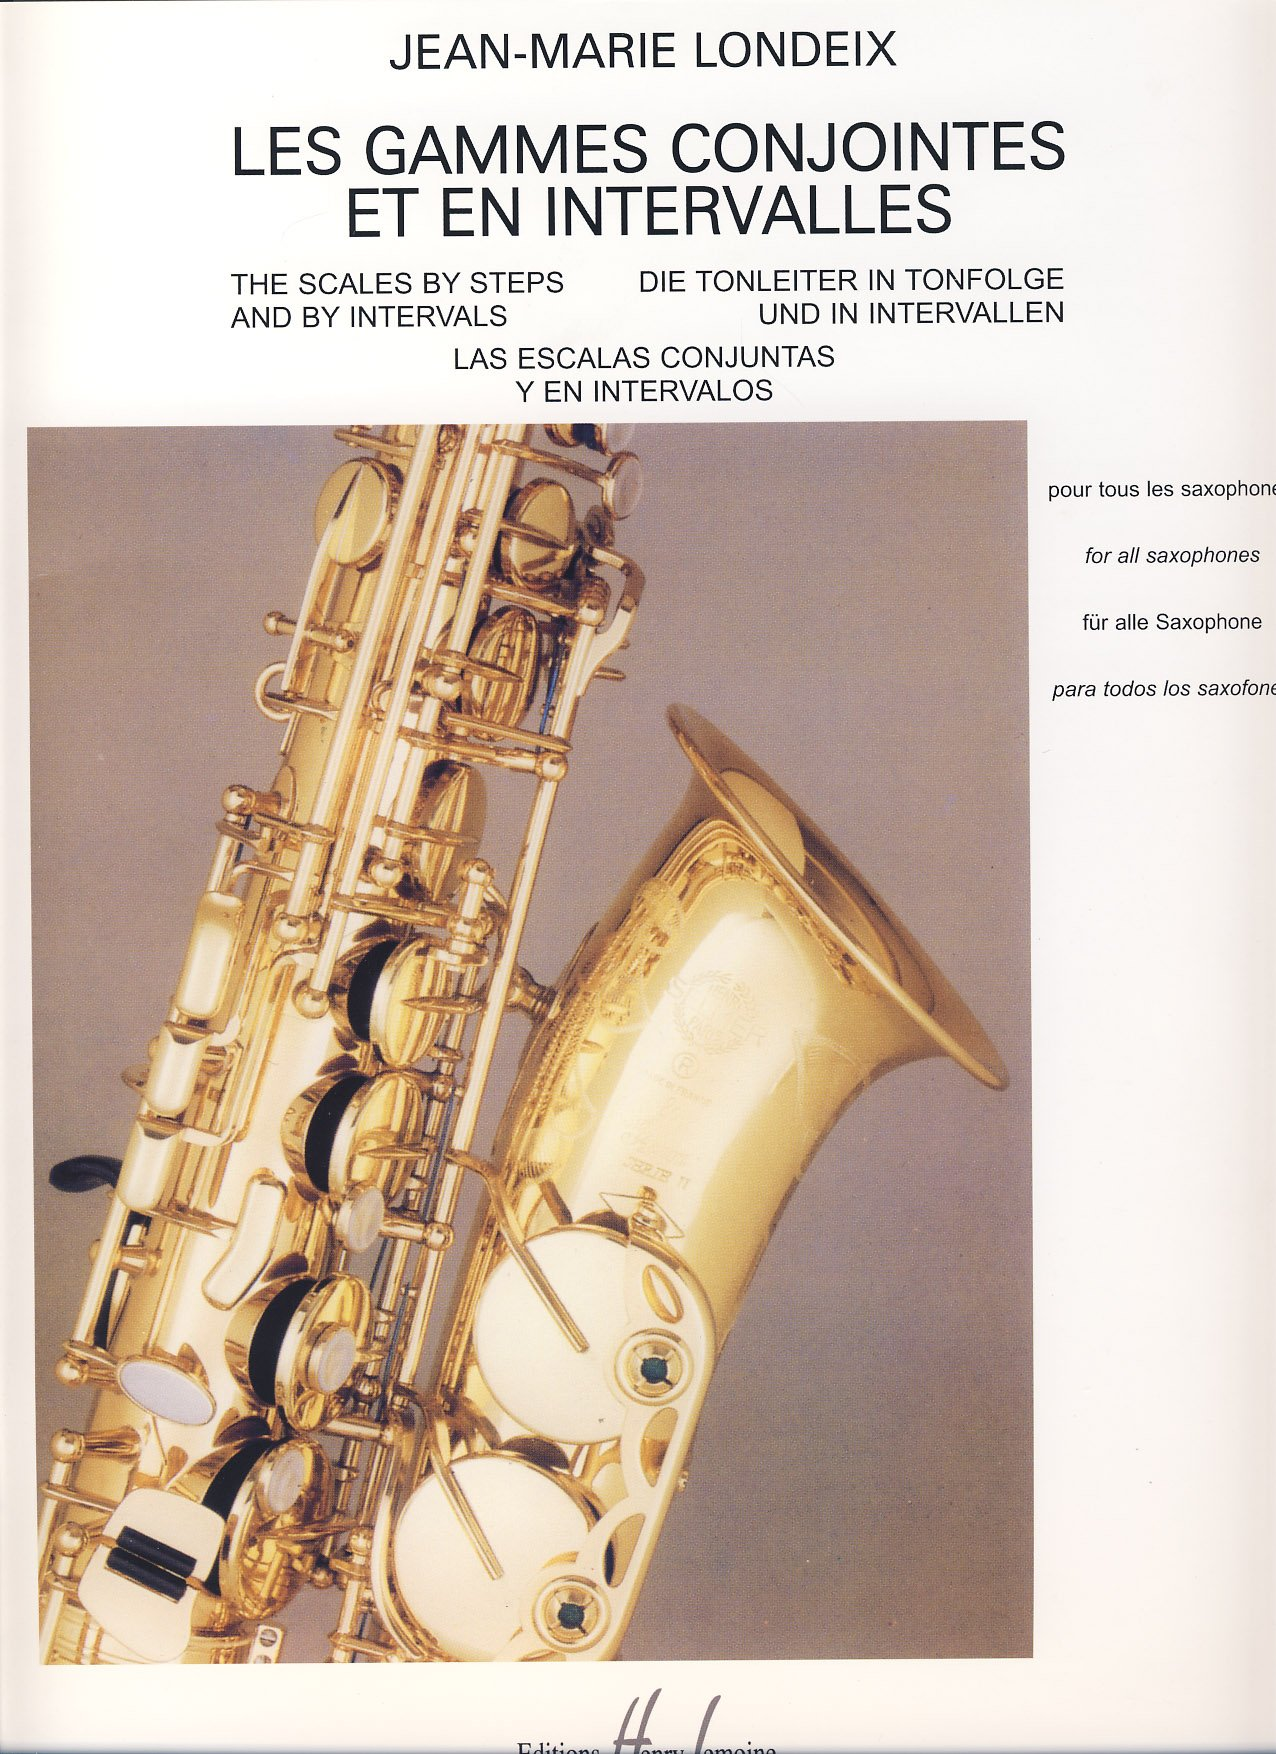 LONDEIX - Las Escalas Conjuntas y en Intervalos para Saxofon (Castilian) Paperback – 2010